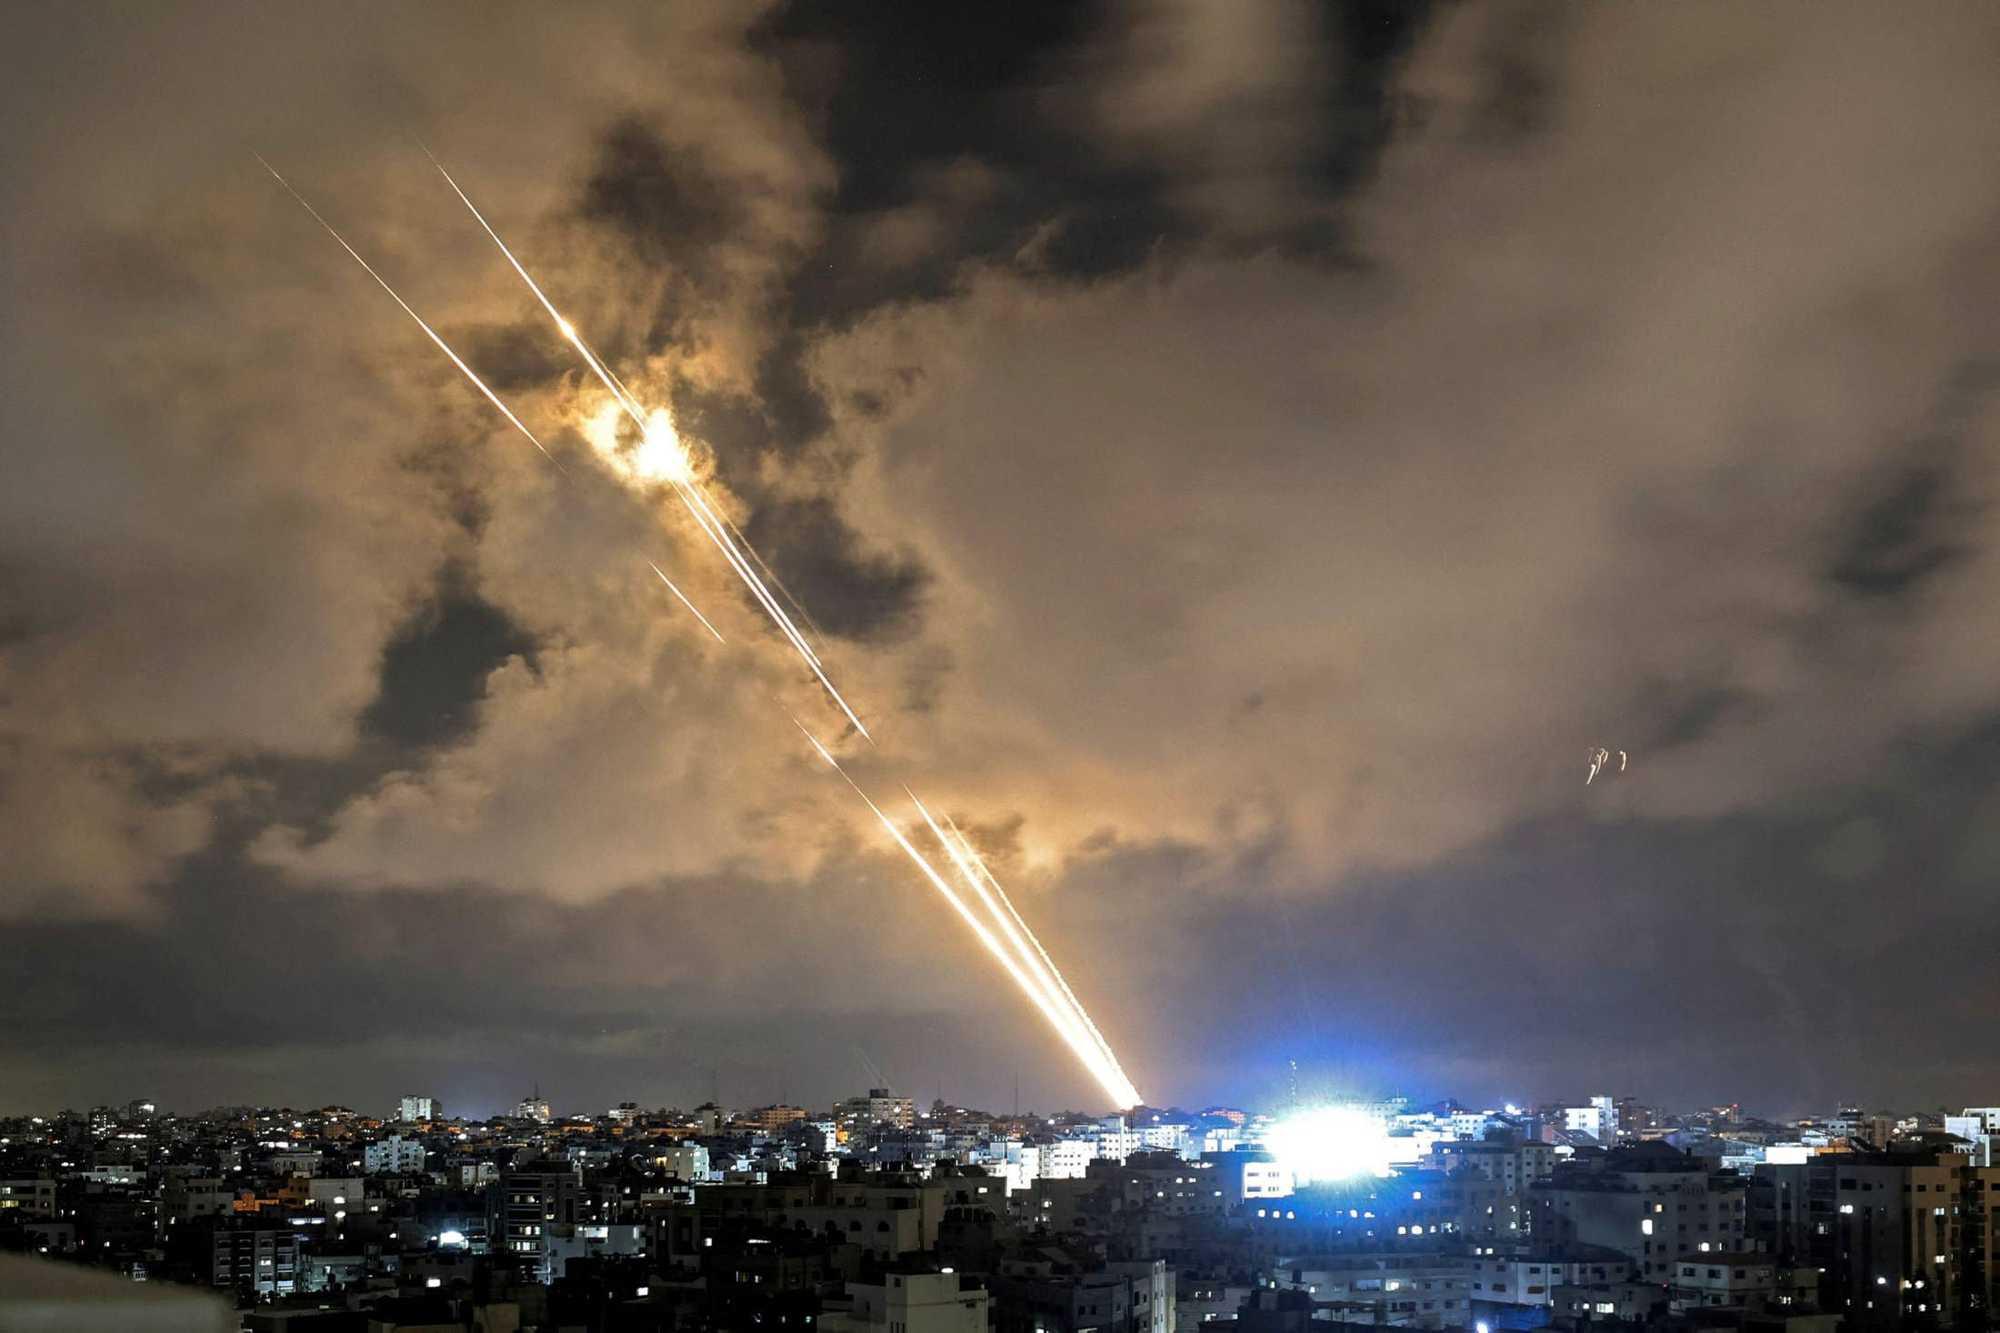 Suenan nuevas alertas de cohetes cerca de Gaza